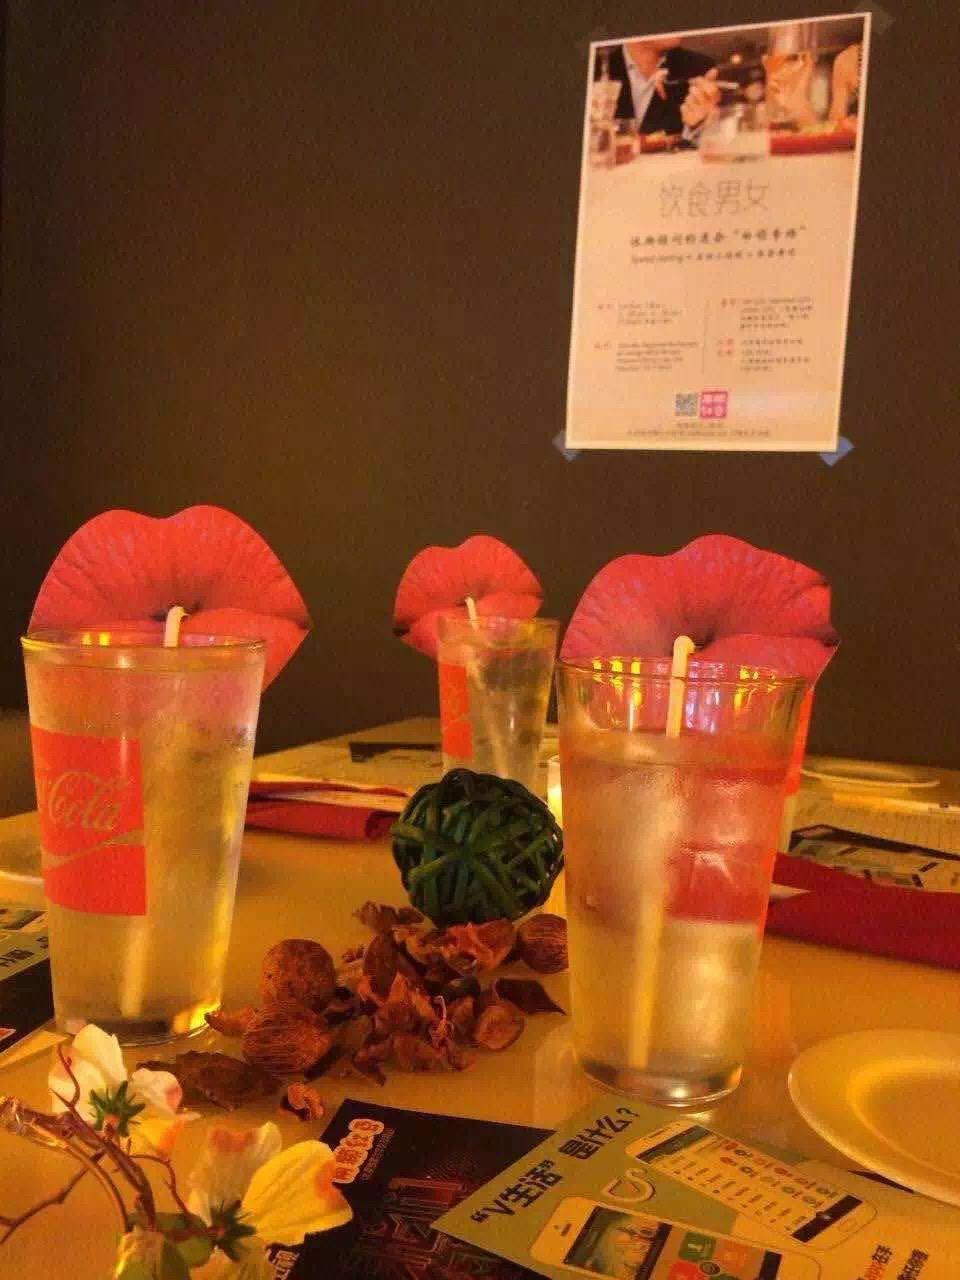 yelp dallas florist|florist dallas|florist dallas tx|florist dallas texas|dallas florist|dallas flor